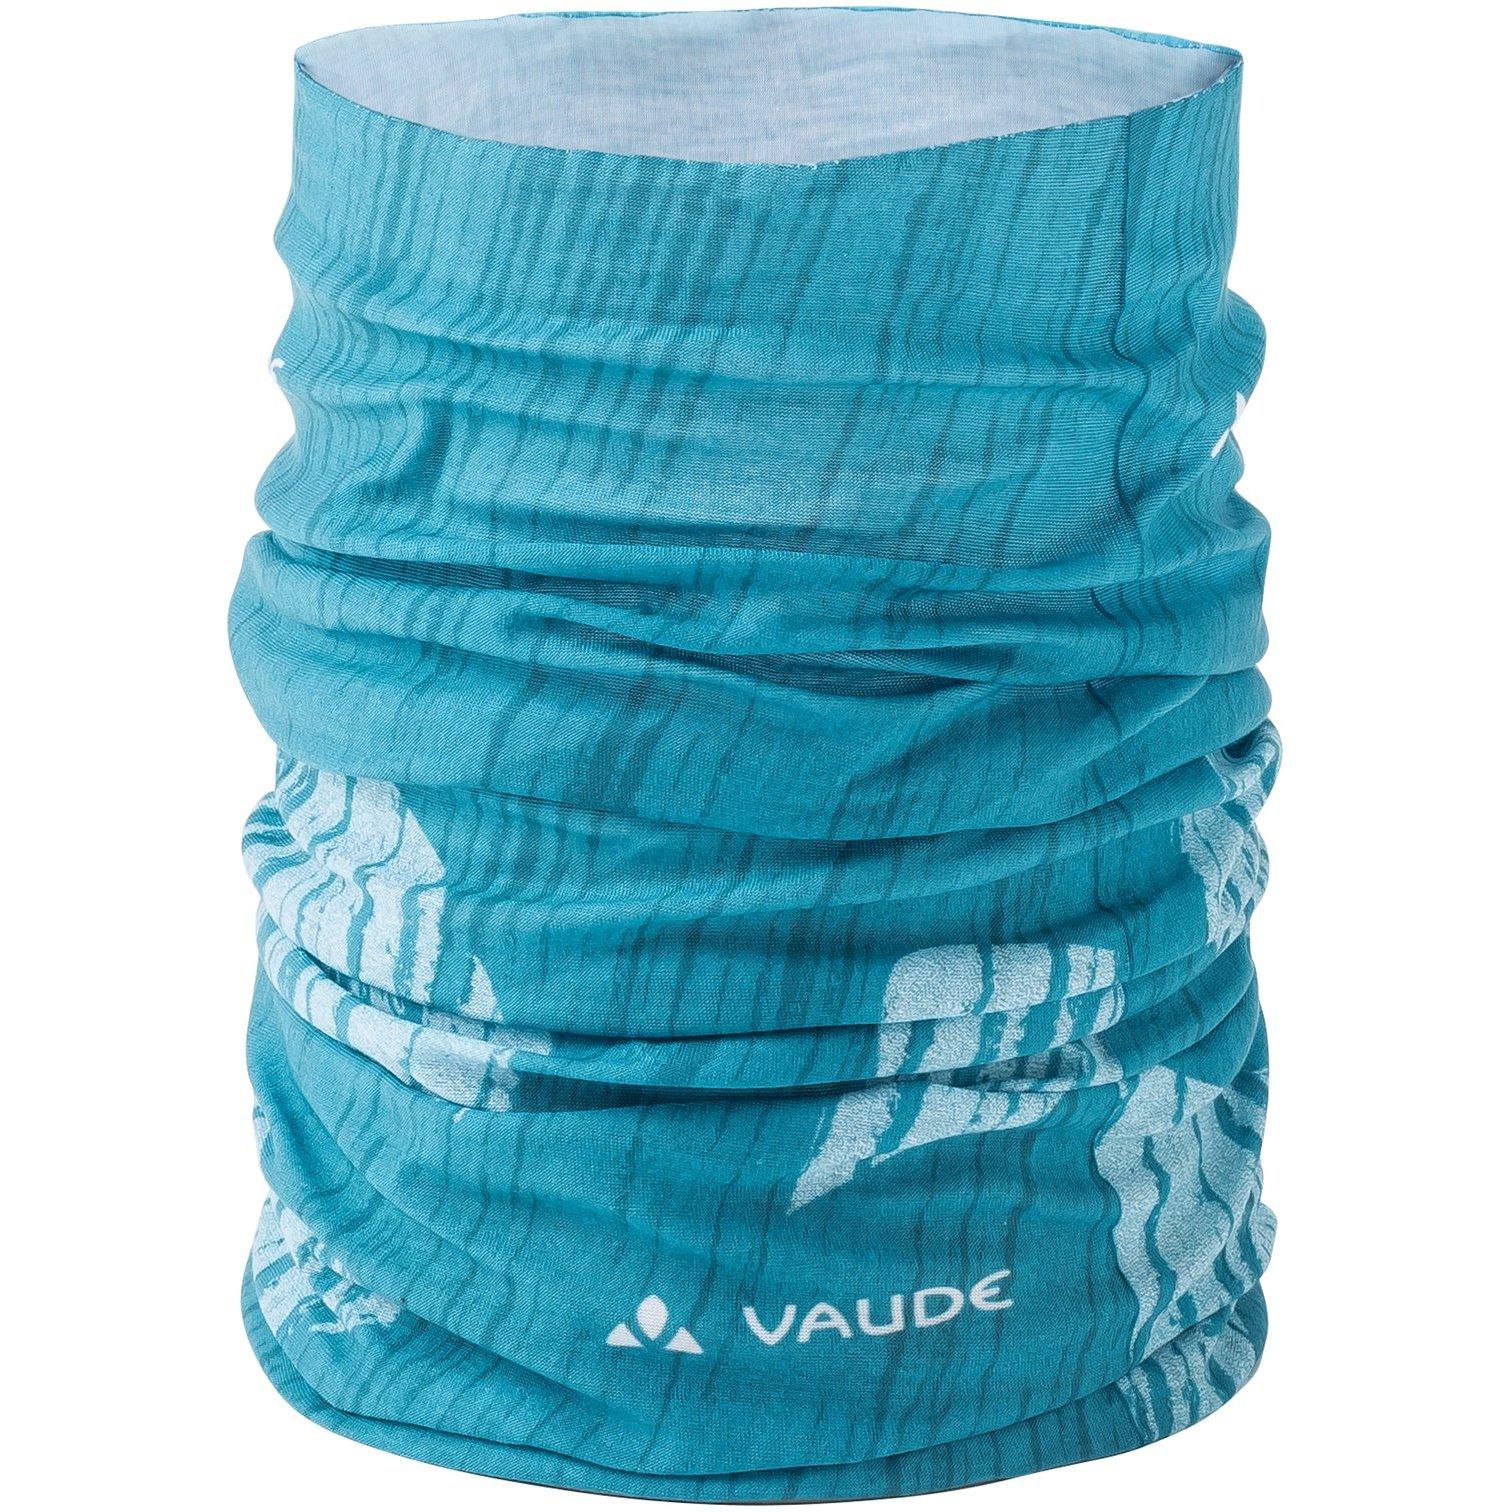 Bild von Vaude Multifunktionstuch - arctic blue